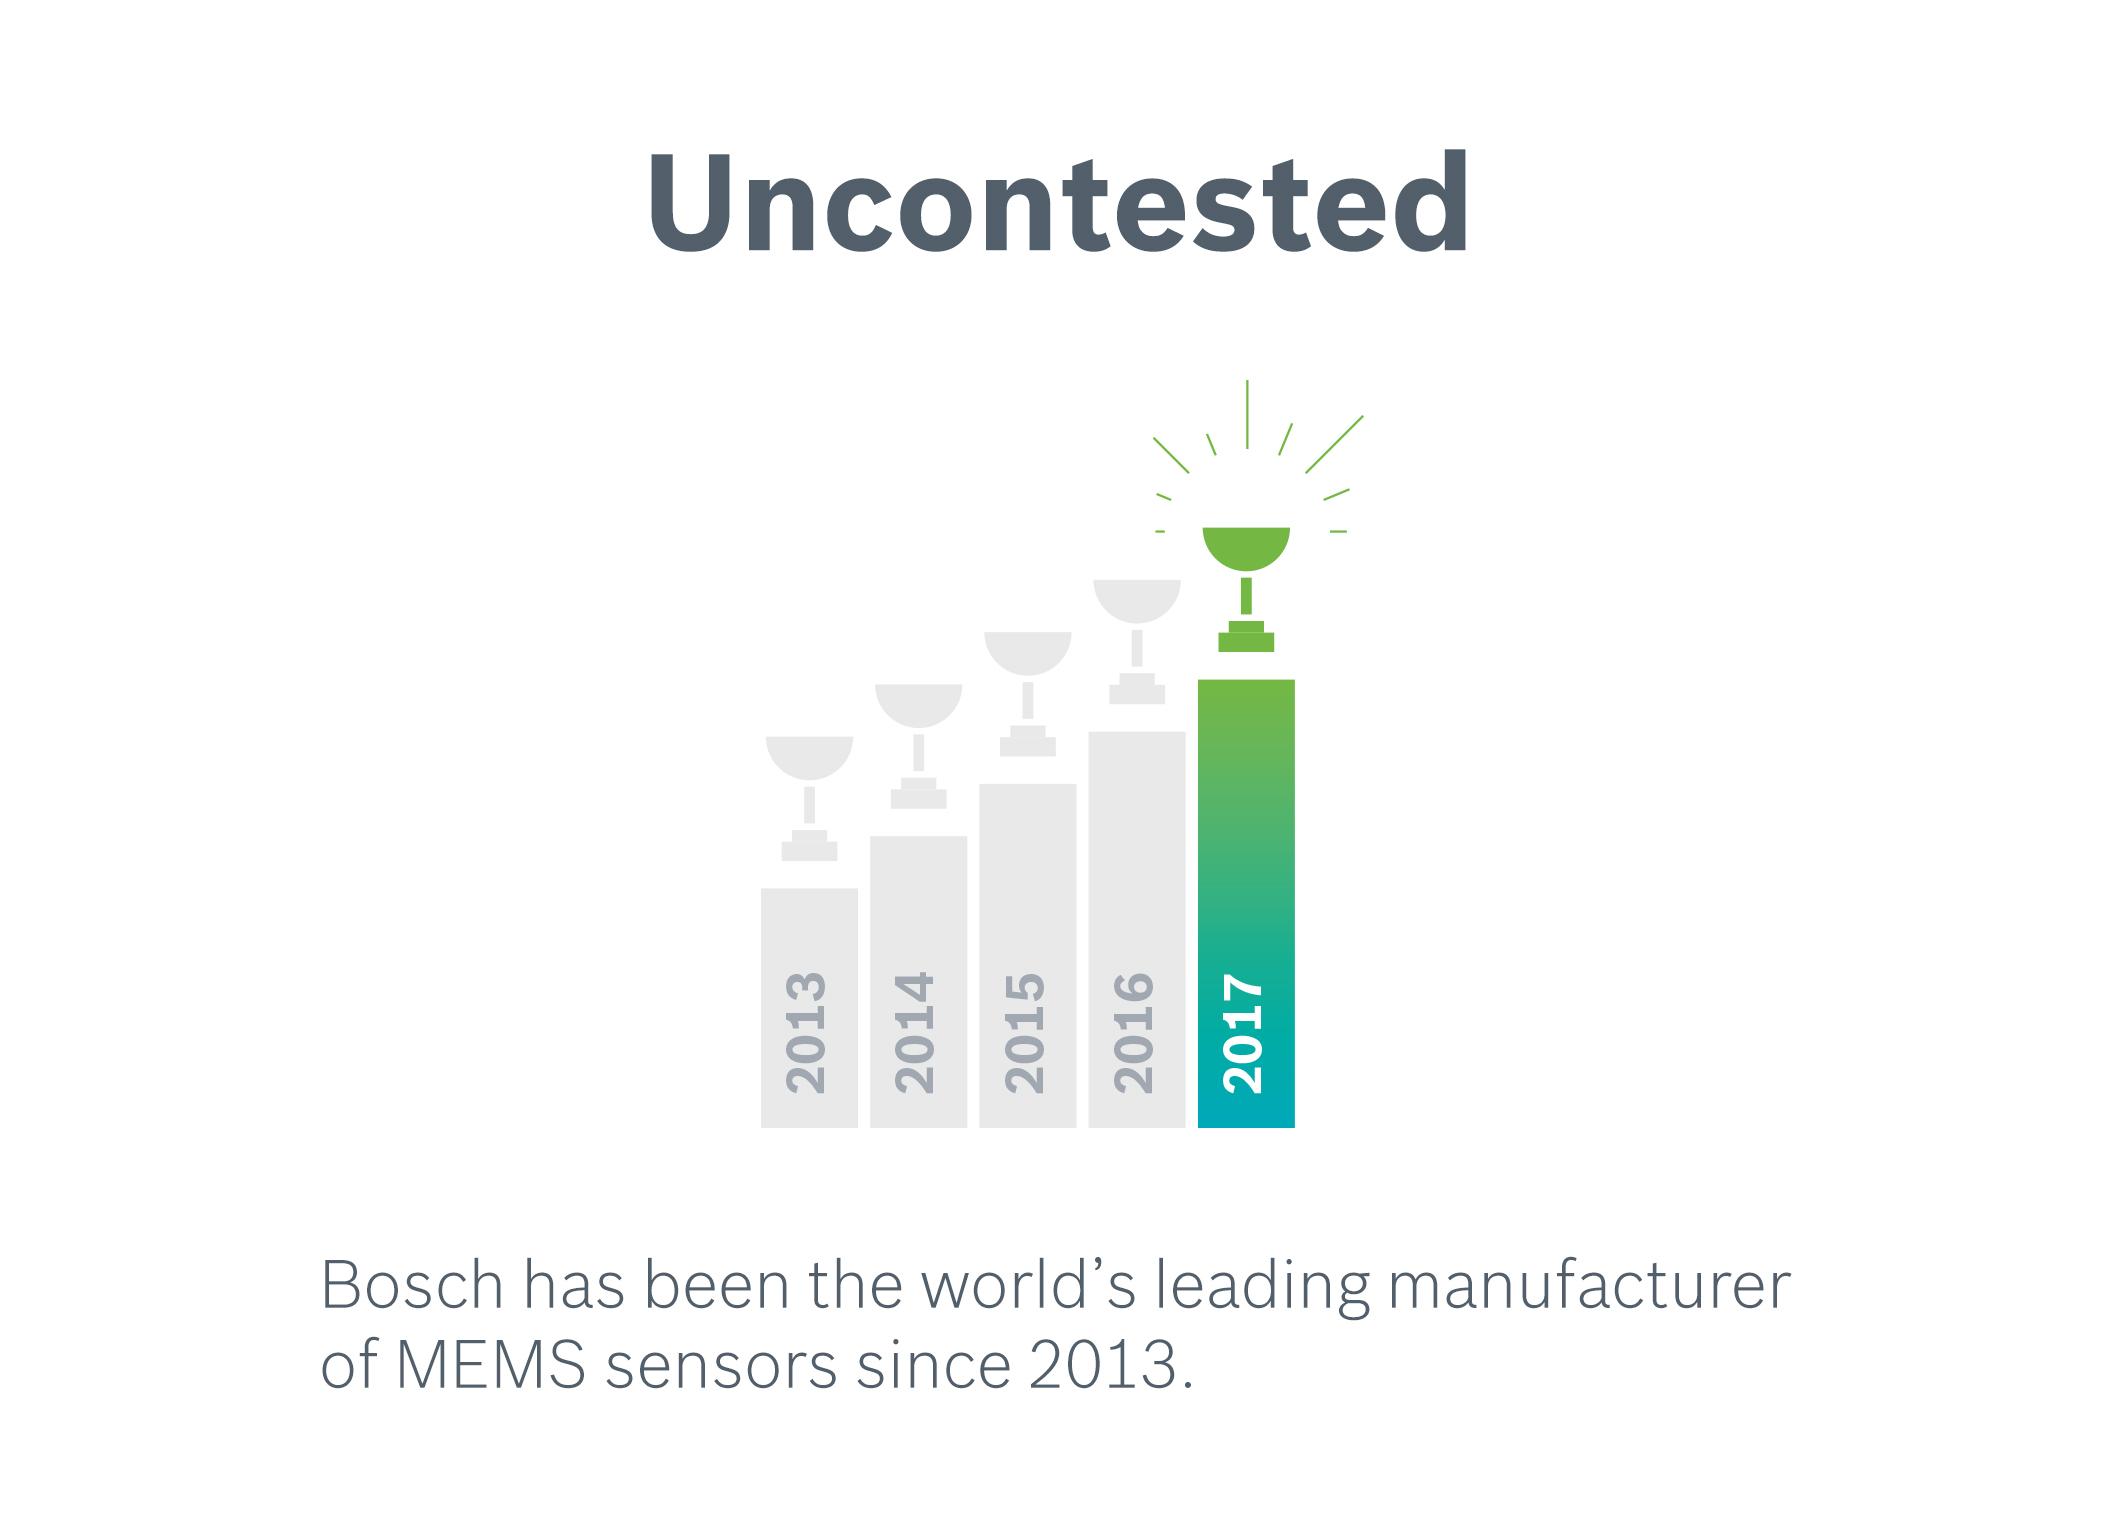 MEMS sensors from Bosch